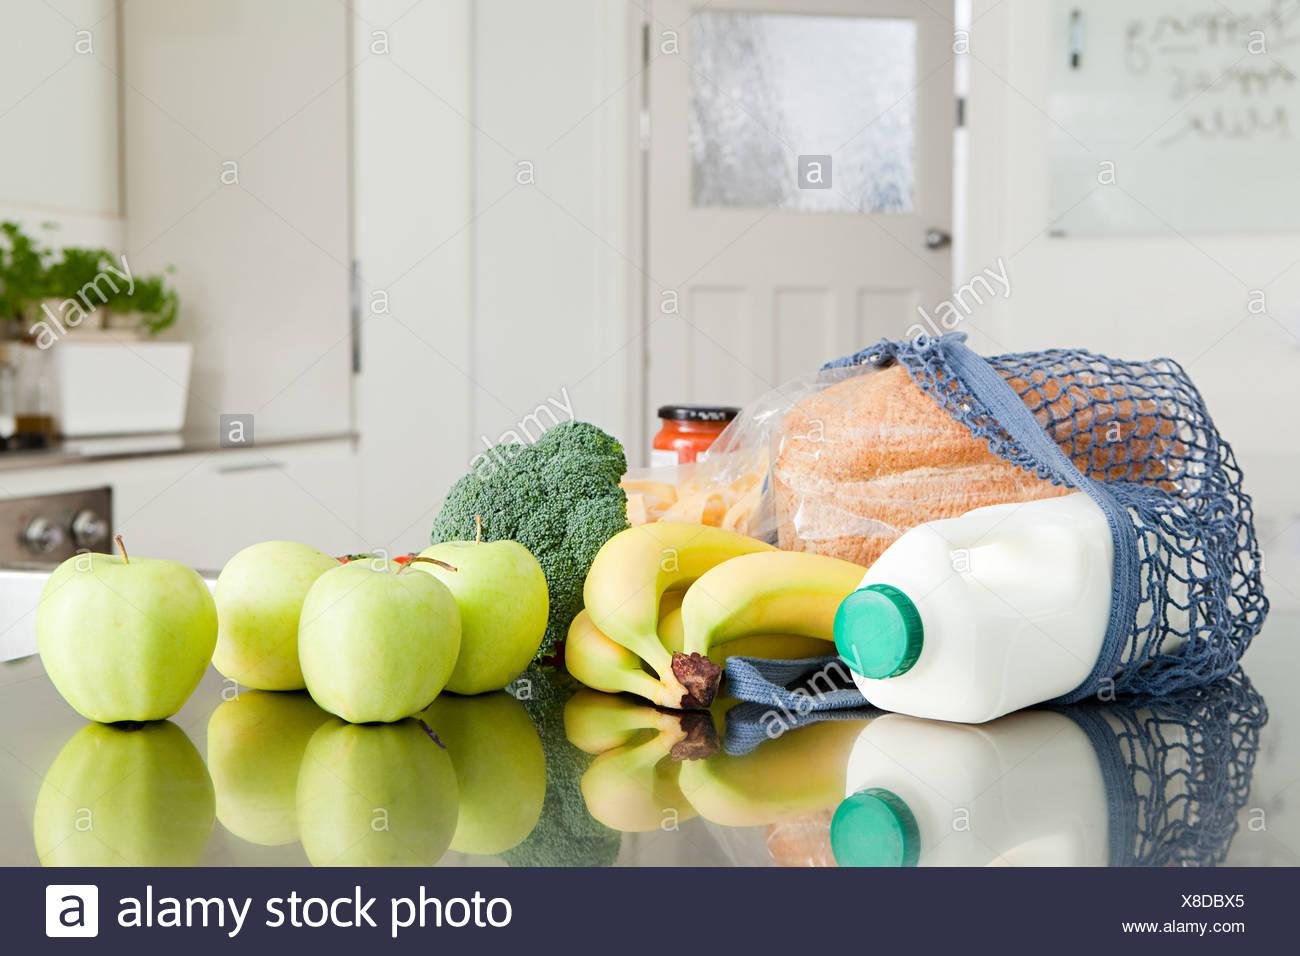 Negozi di generi alimentari sul banco di cucina Immagini Stock